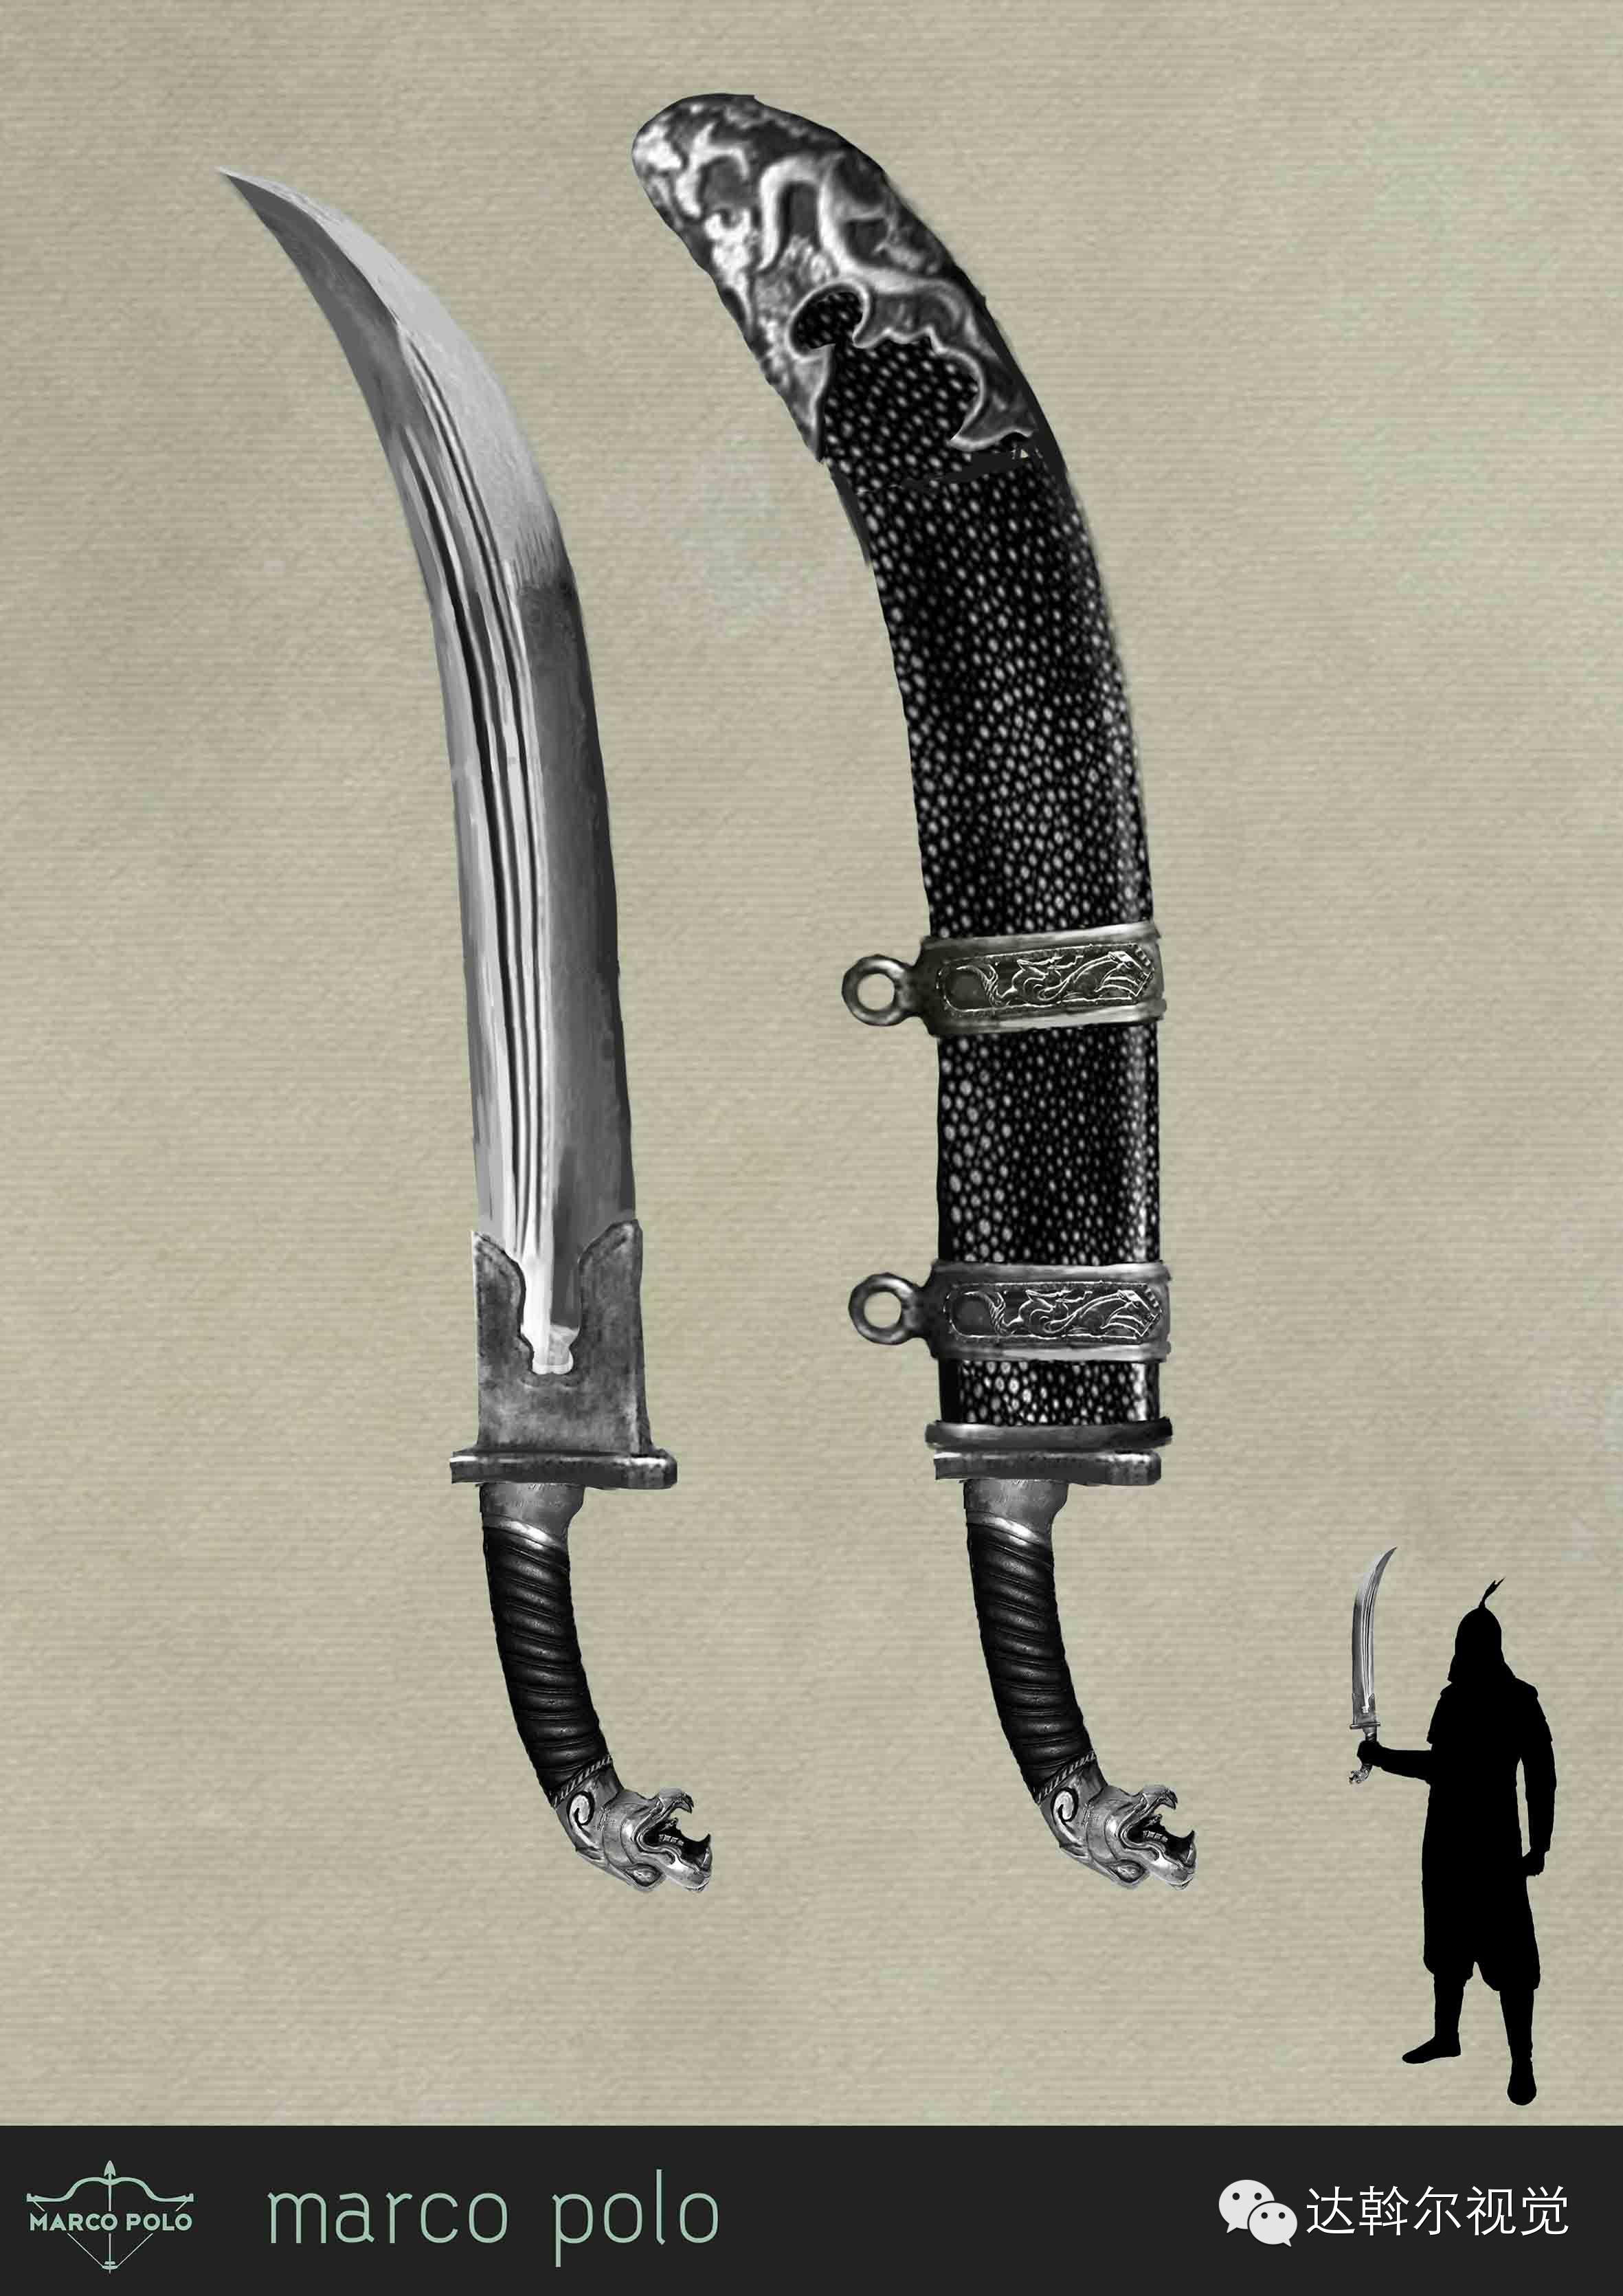 蒙古题材美剧《马可波罗》兵器设计欣赏 第14张